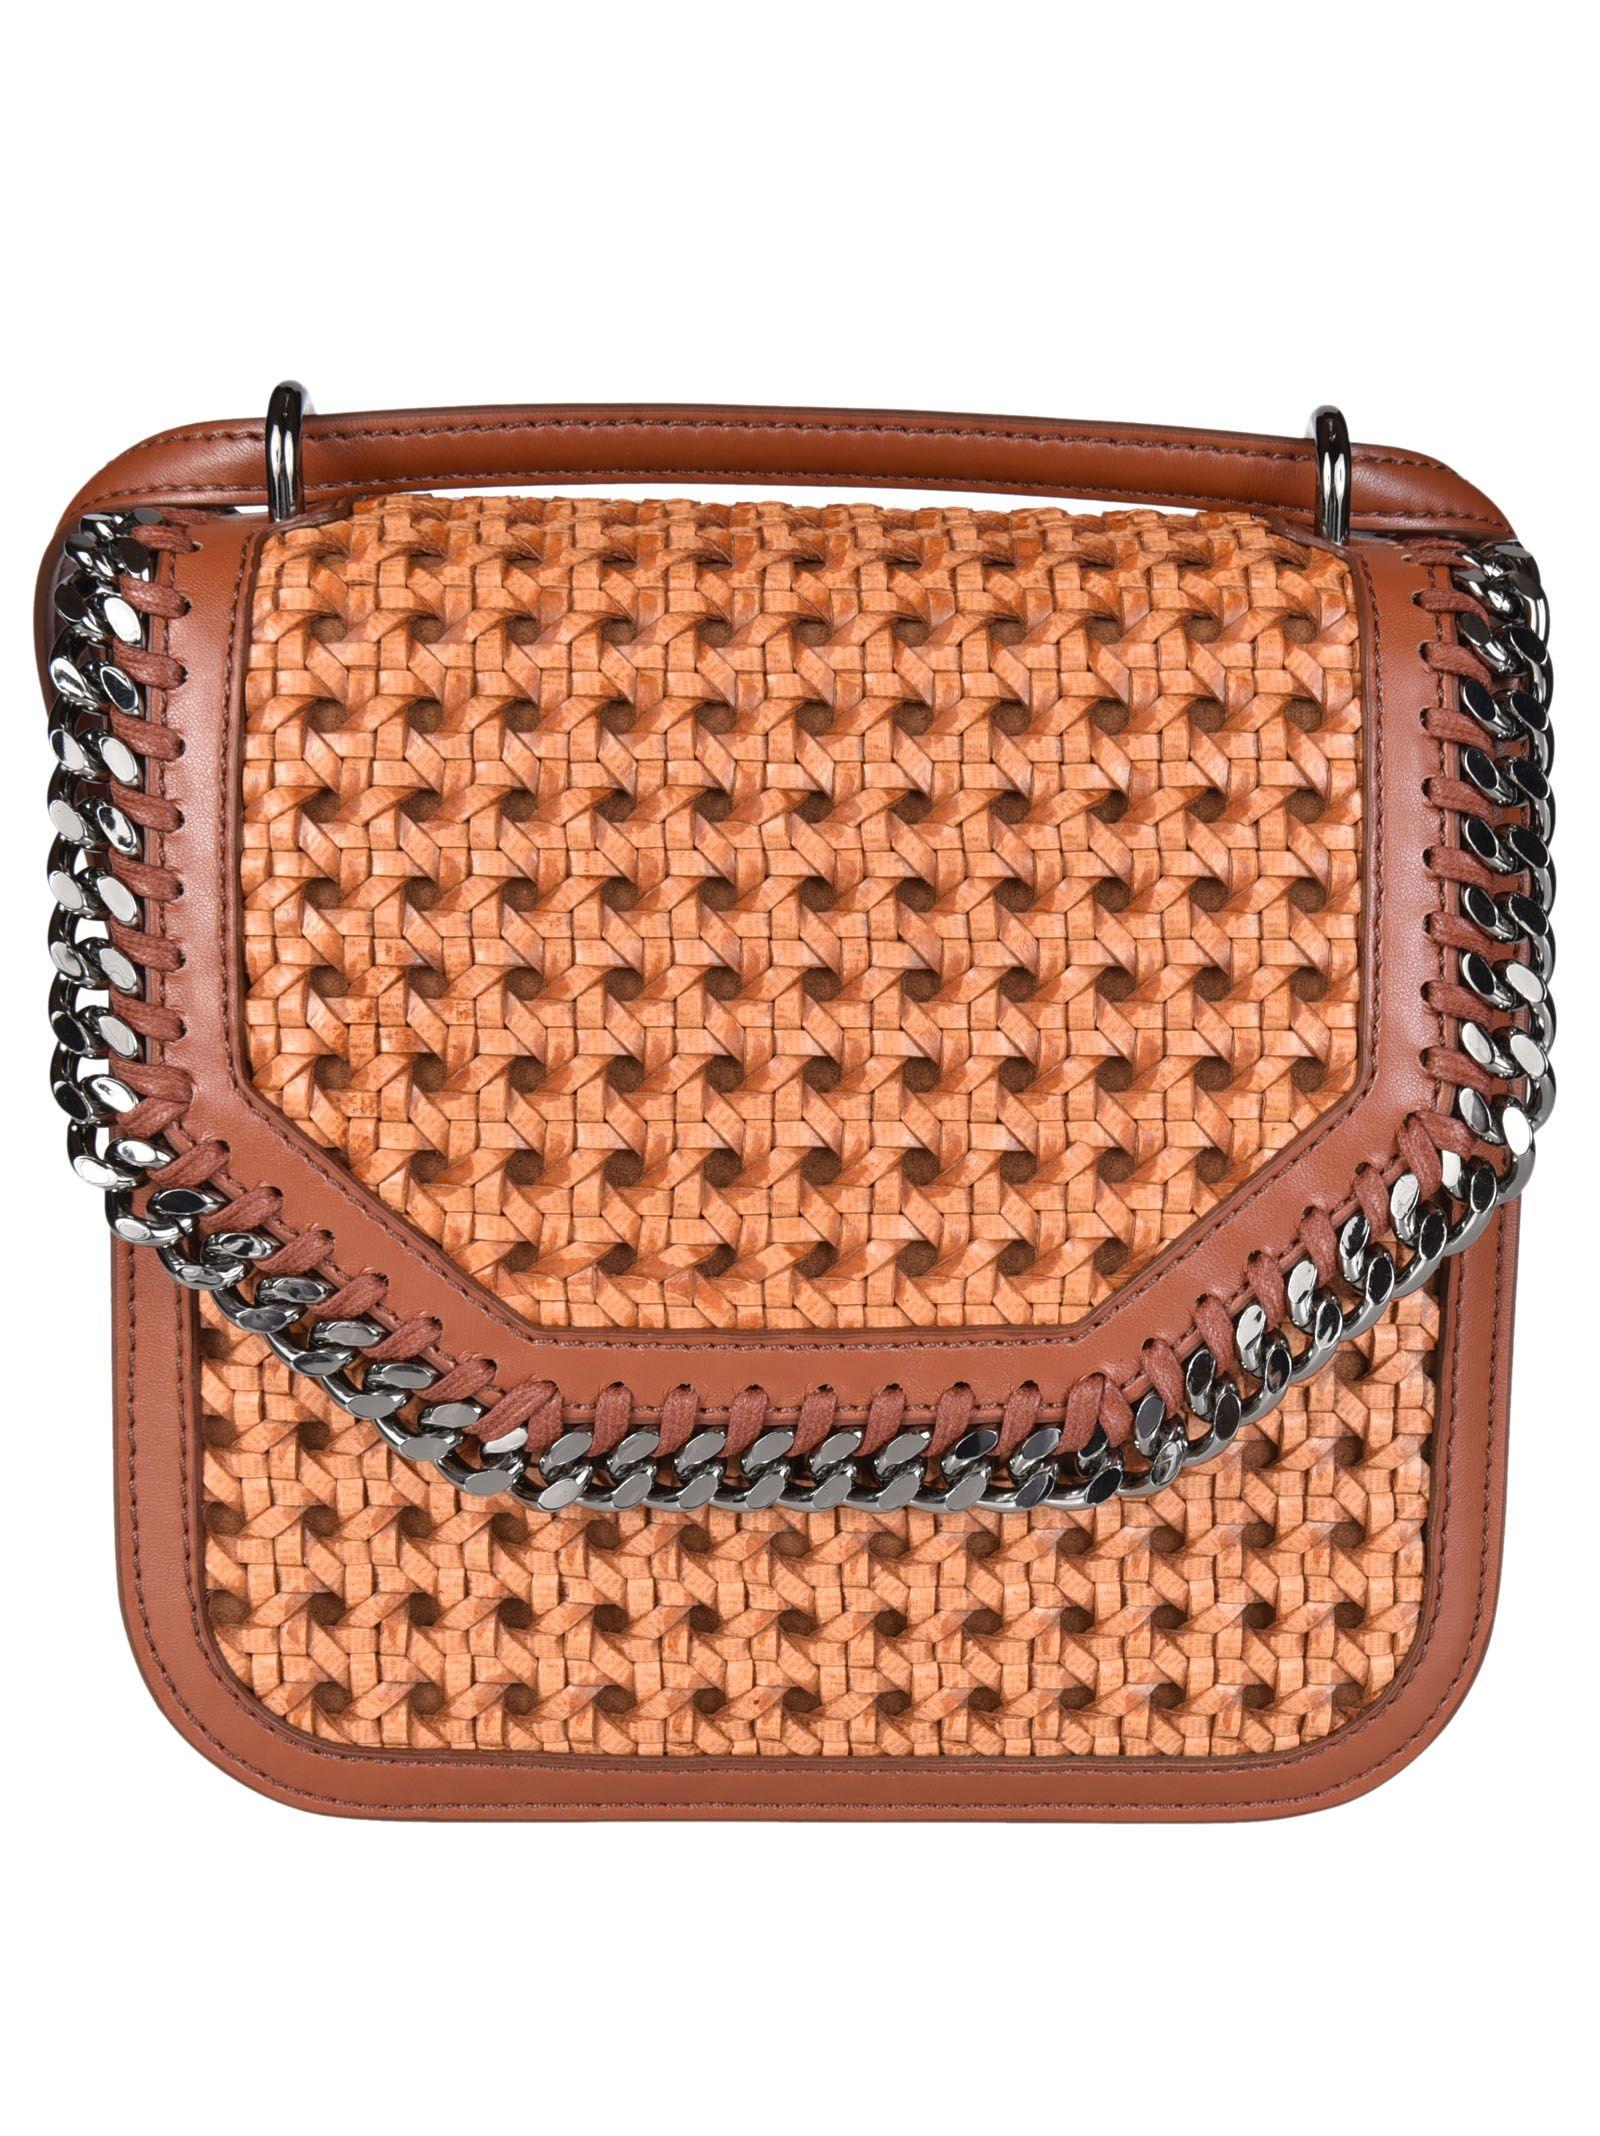 619c5368a7ab Stella McCartney Medium Falabella Box Wicker Shoulder Bag - Brown ...